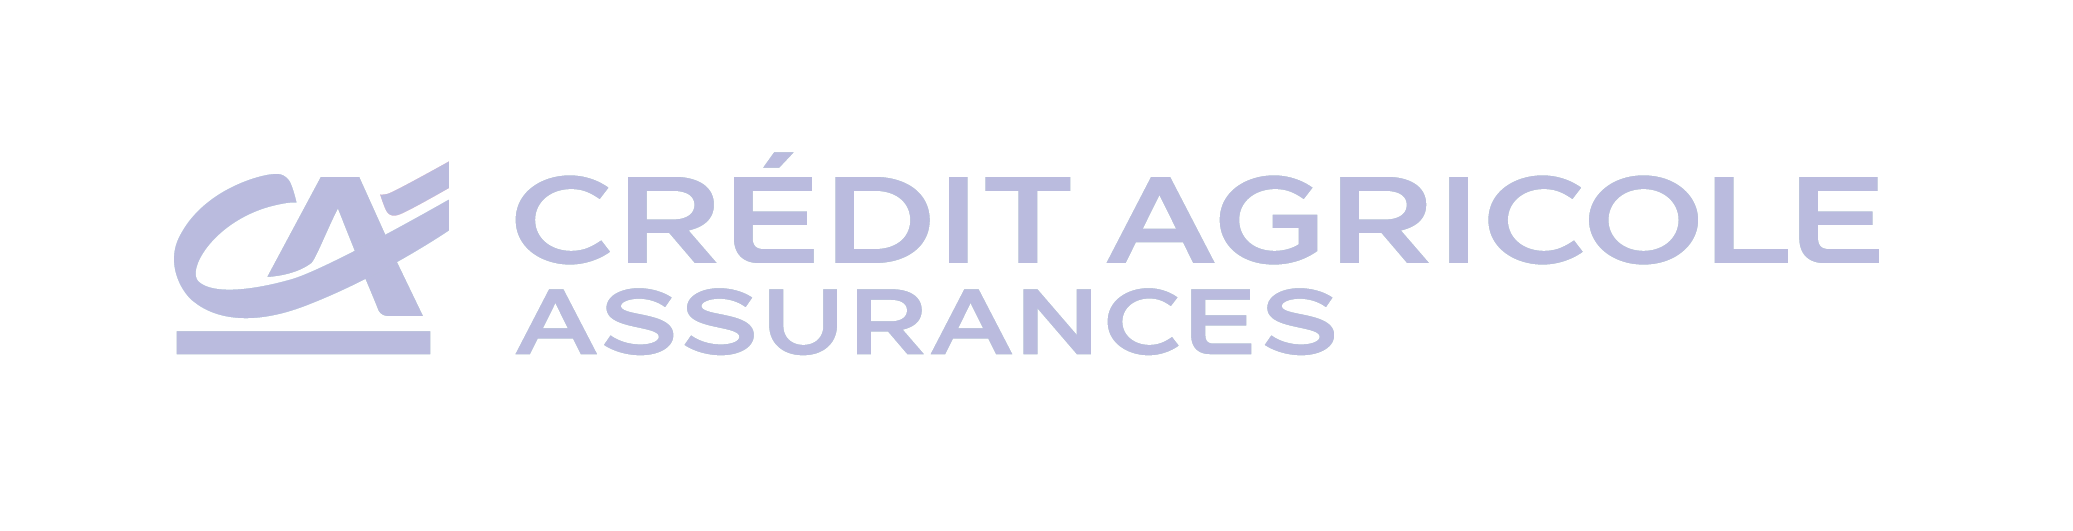 Logo Crédit Agricole Assurances